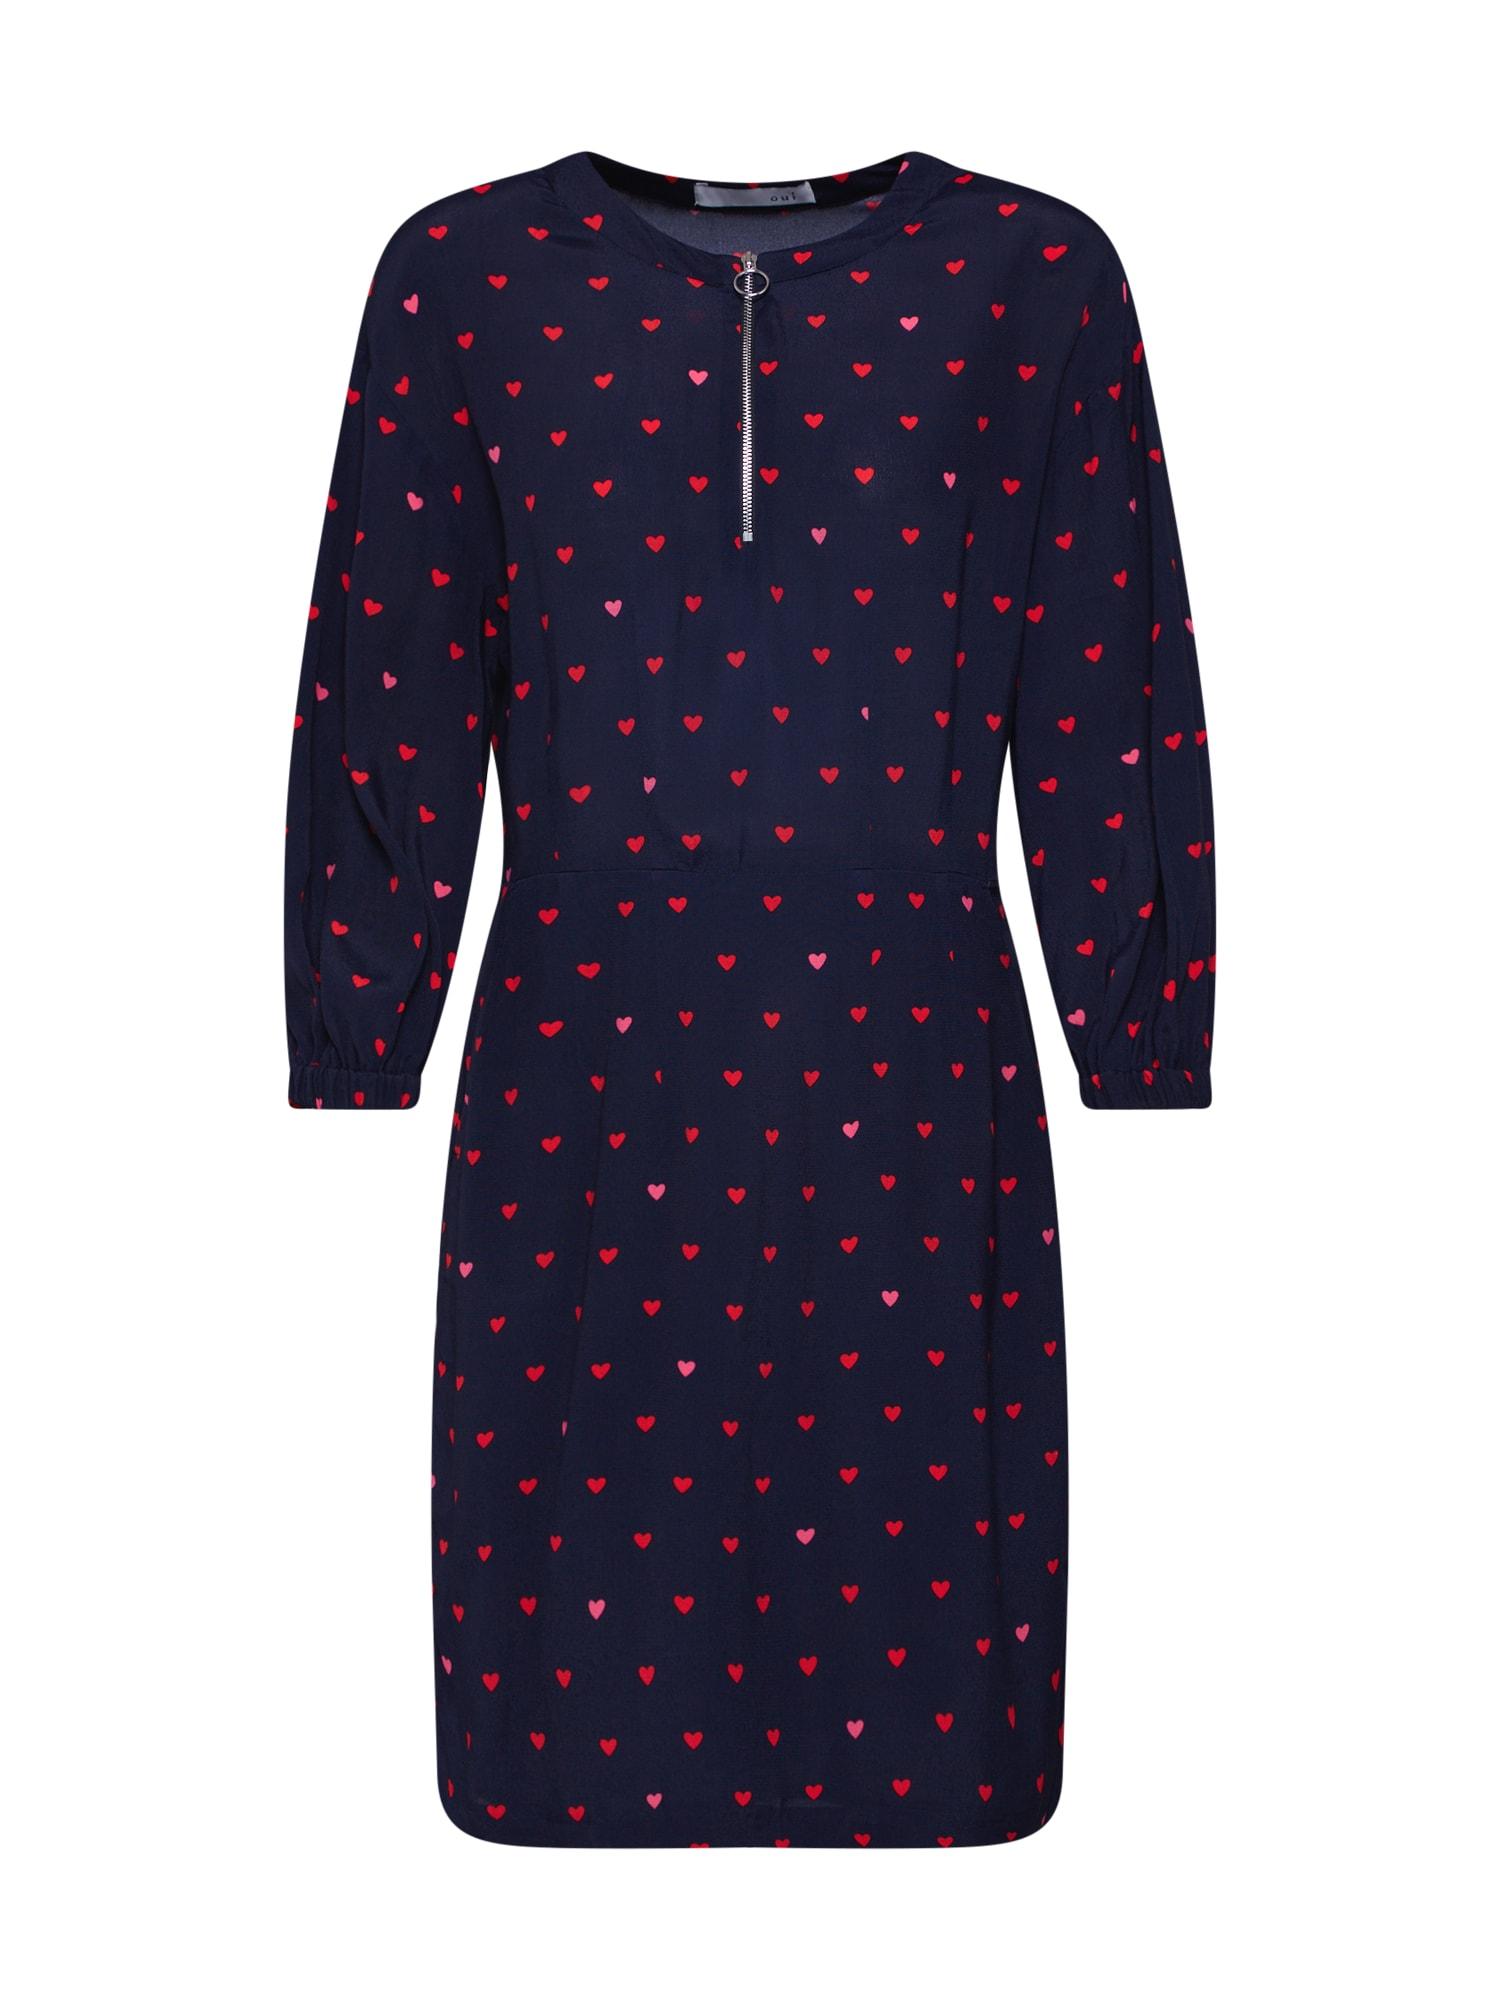 Letní šaty Kleid tmavě modrá červená OUI